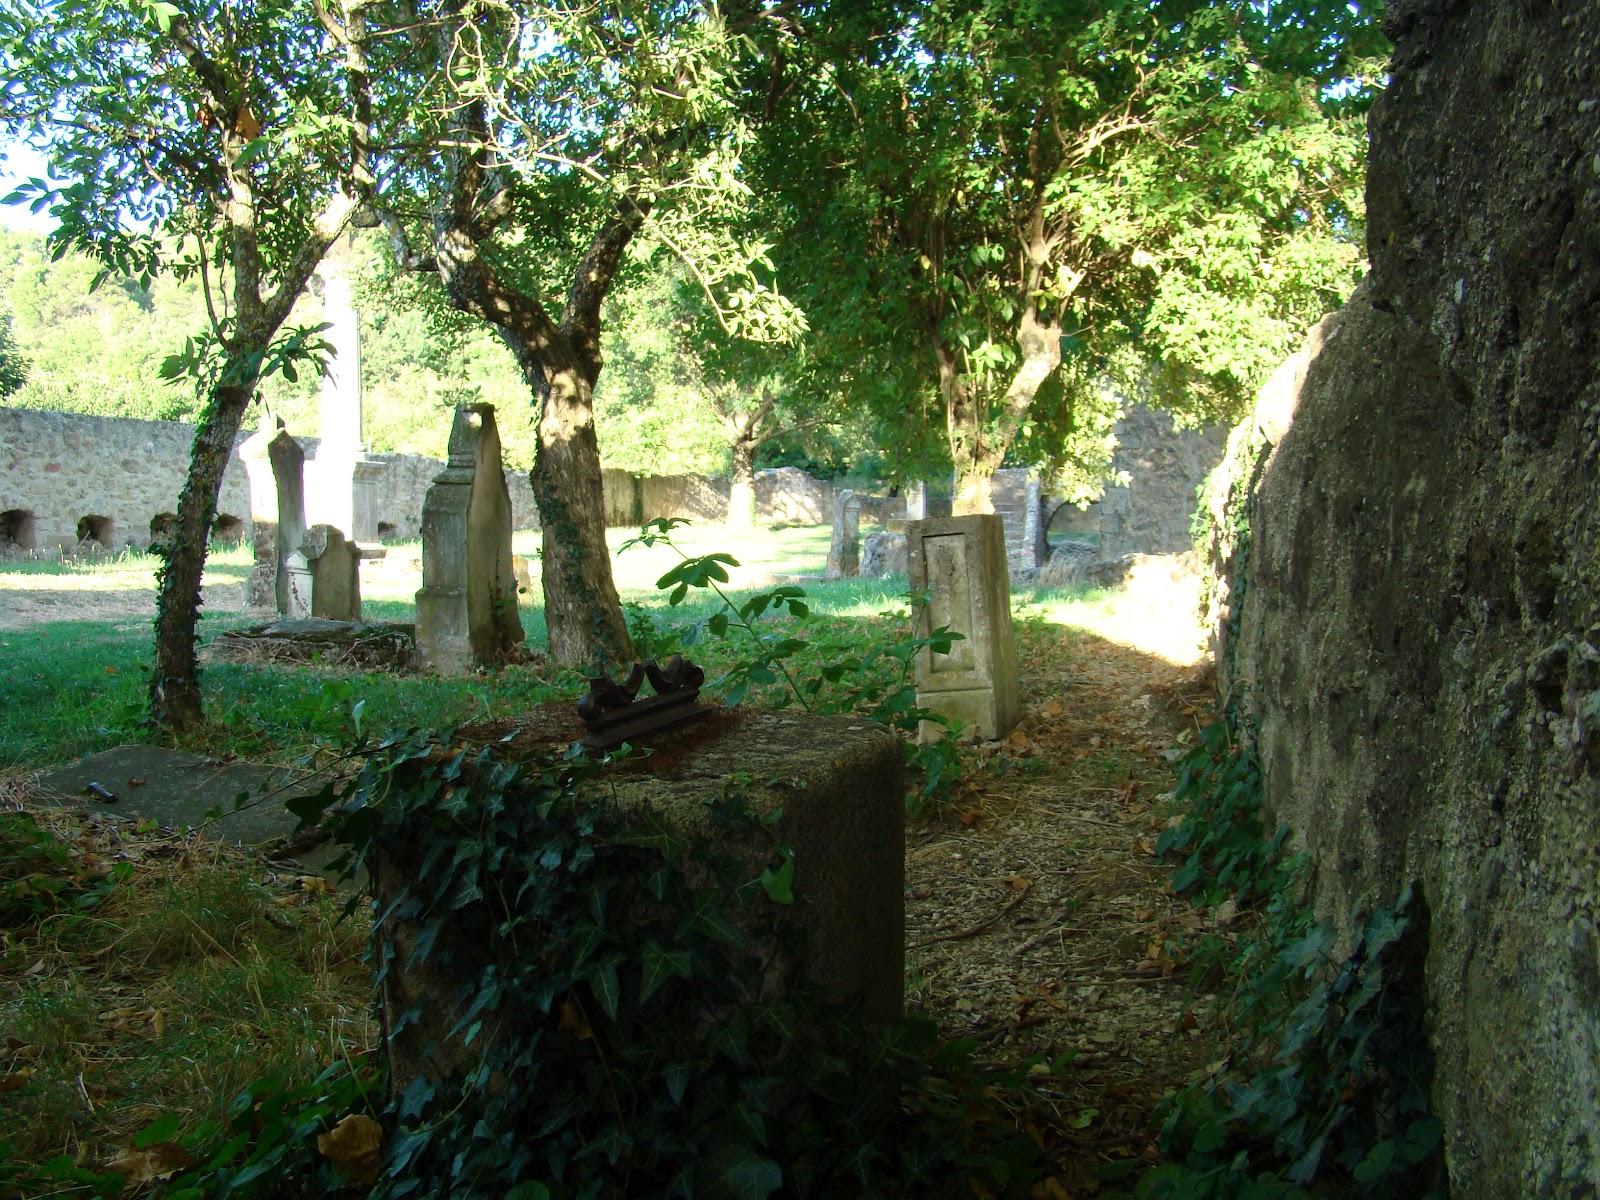 http://3.bp.blogspot.com/-o9GBzAht8kQ/T4DMprXcw5I/AAAAAAAAASc/qKTpKnr6Wp4/s1600/Cucuron+cemetery+1.JPG